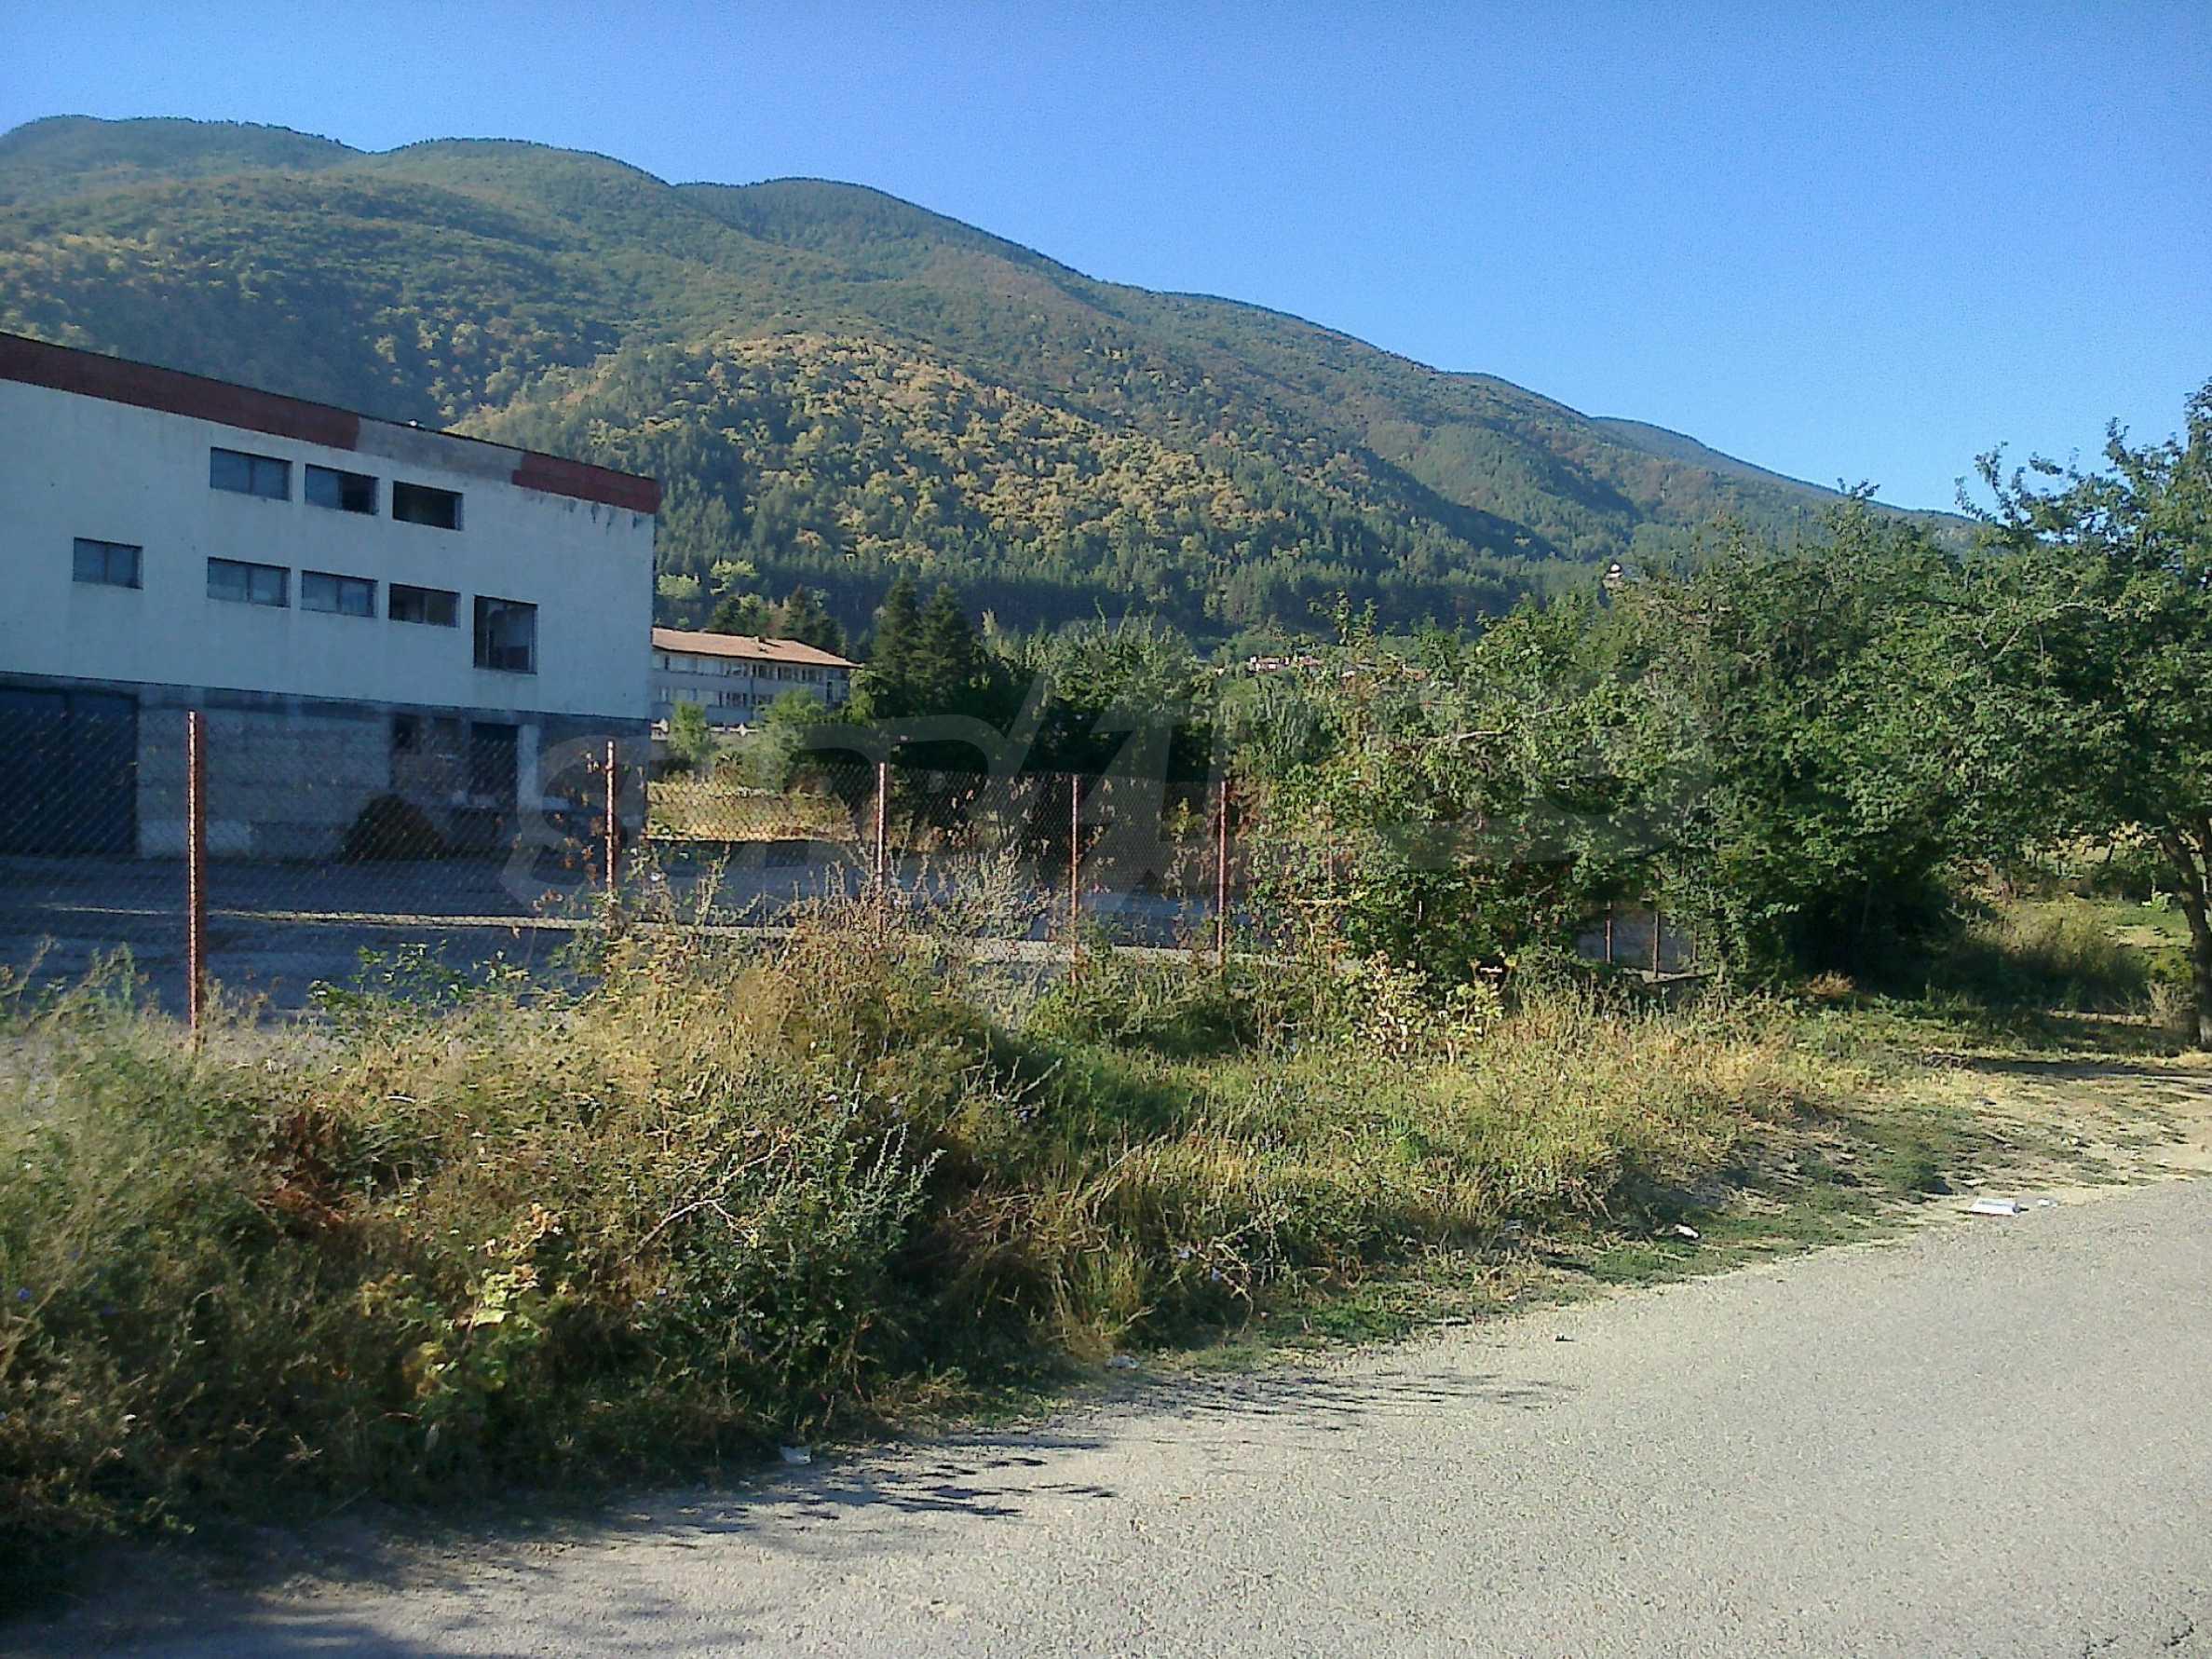 Geregeltes Grundstück für Geschäftsimmobilien in der Nähe einer Mineralquelle in Sapareva Banya 1